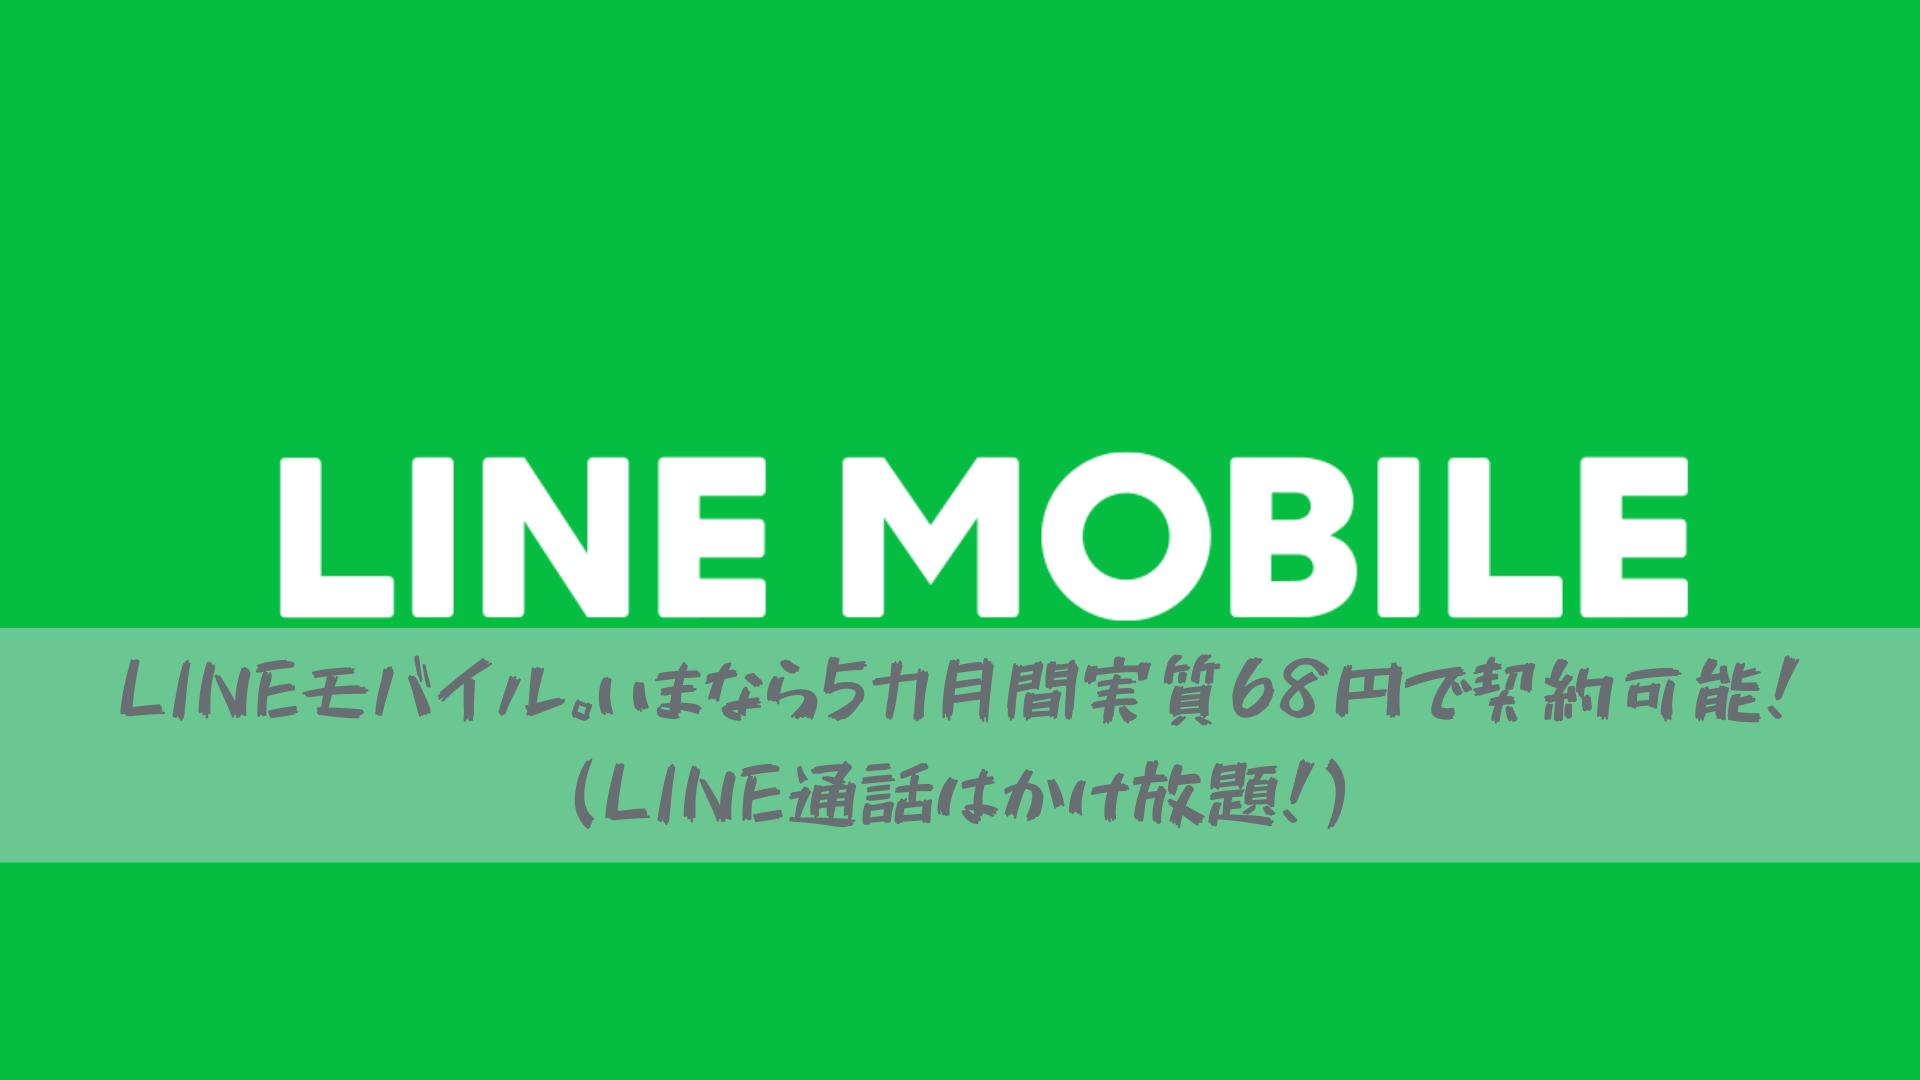 LINEモバイル。いまなら5カ月間実質68円で契約可能!(LINE通話はかけ放題!)